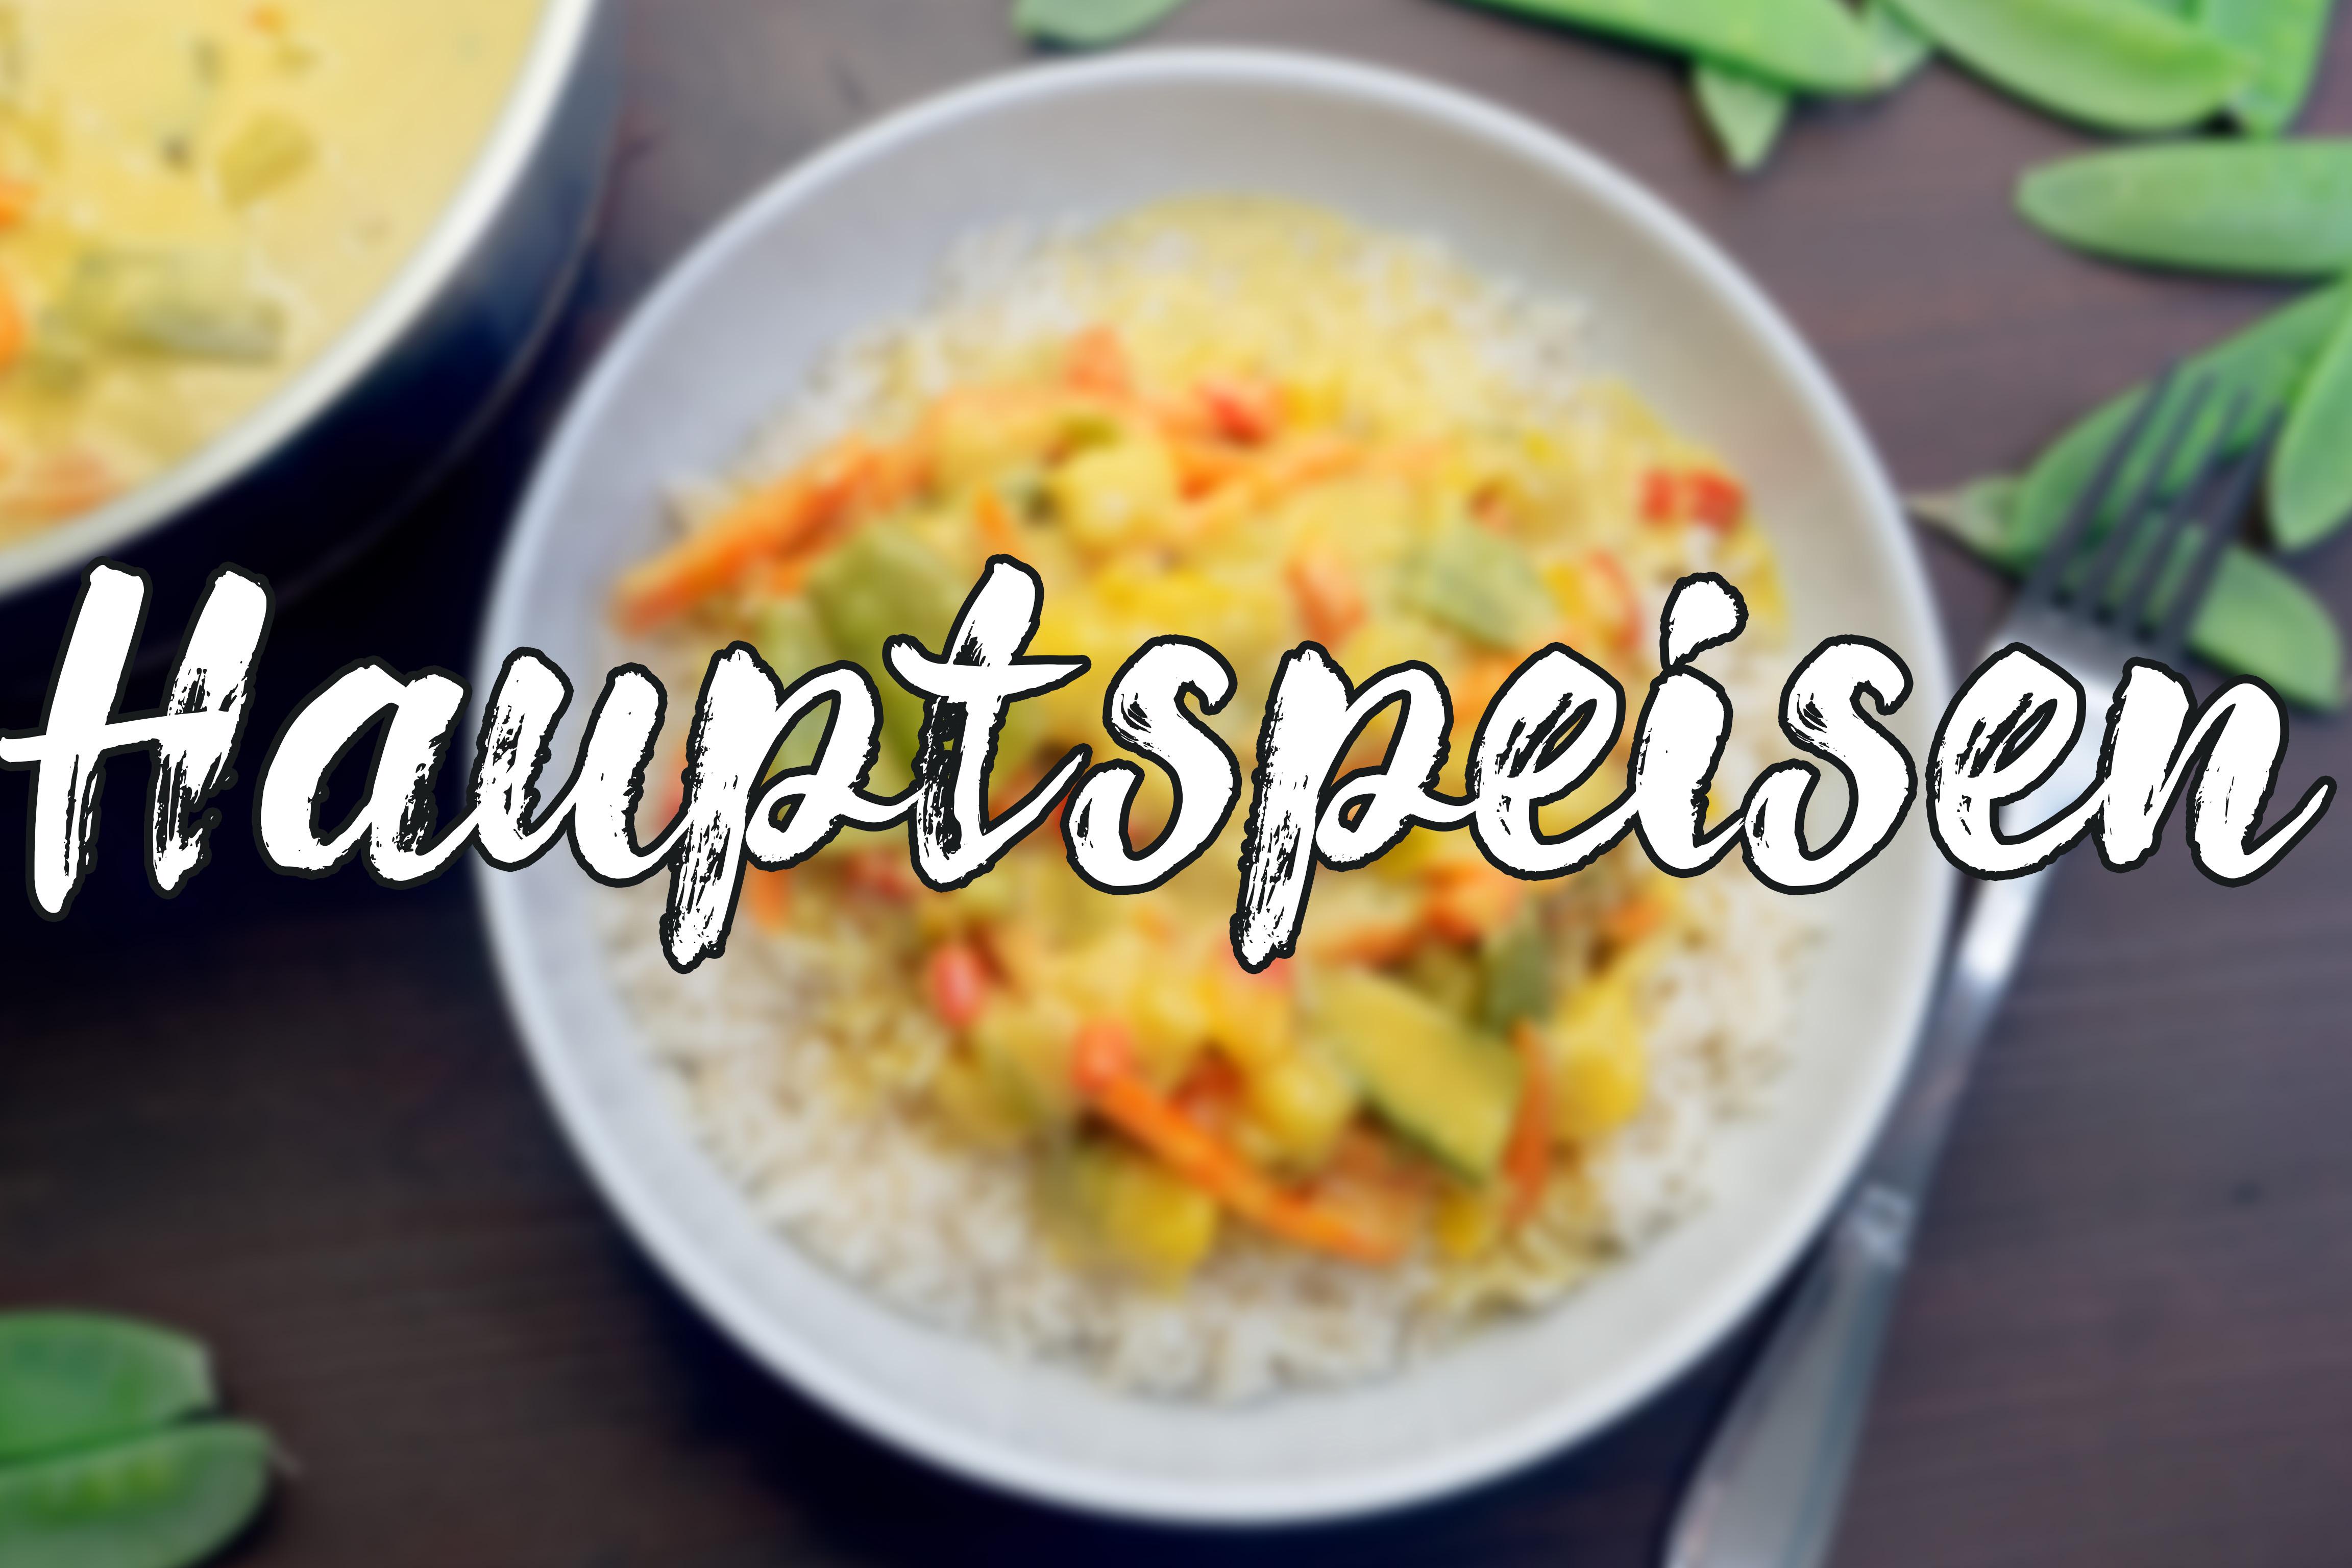 hauptspeisen, hauptgerichte, foodblogs, food  blogger, deutsch, deutsche